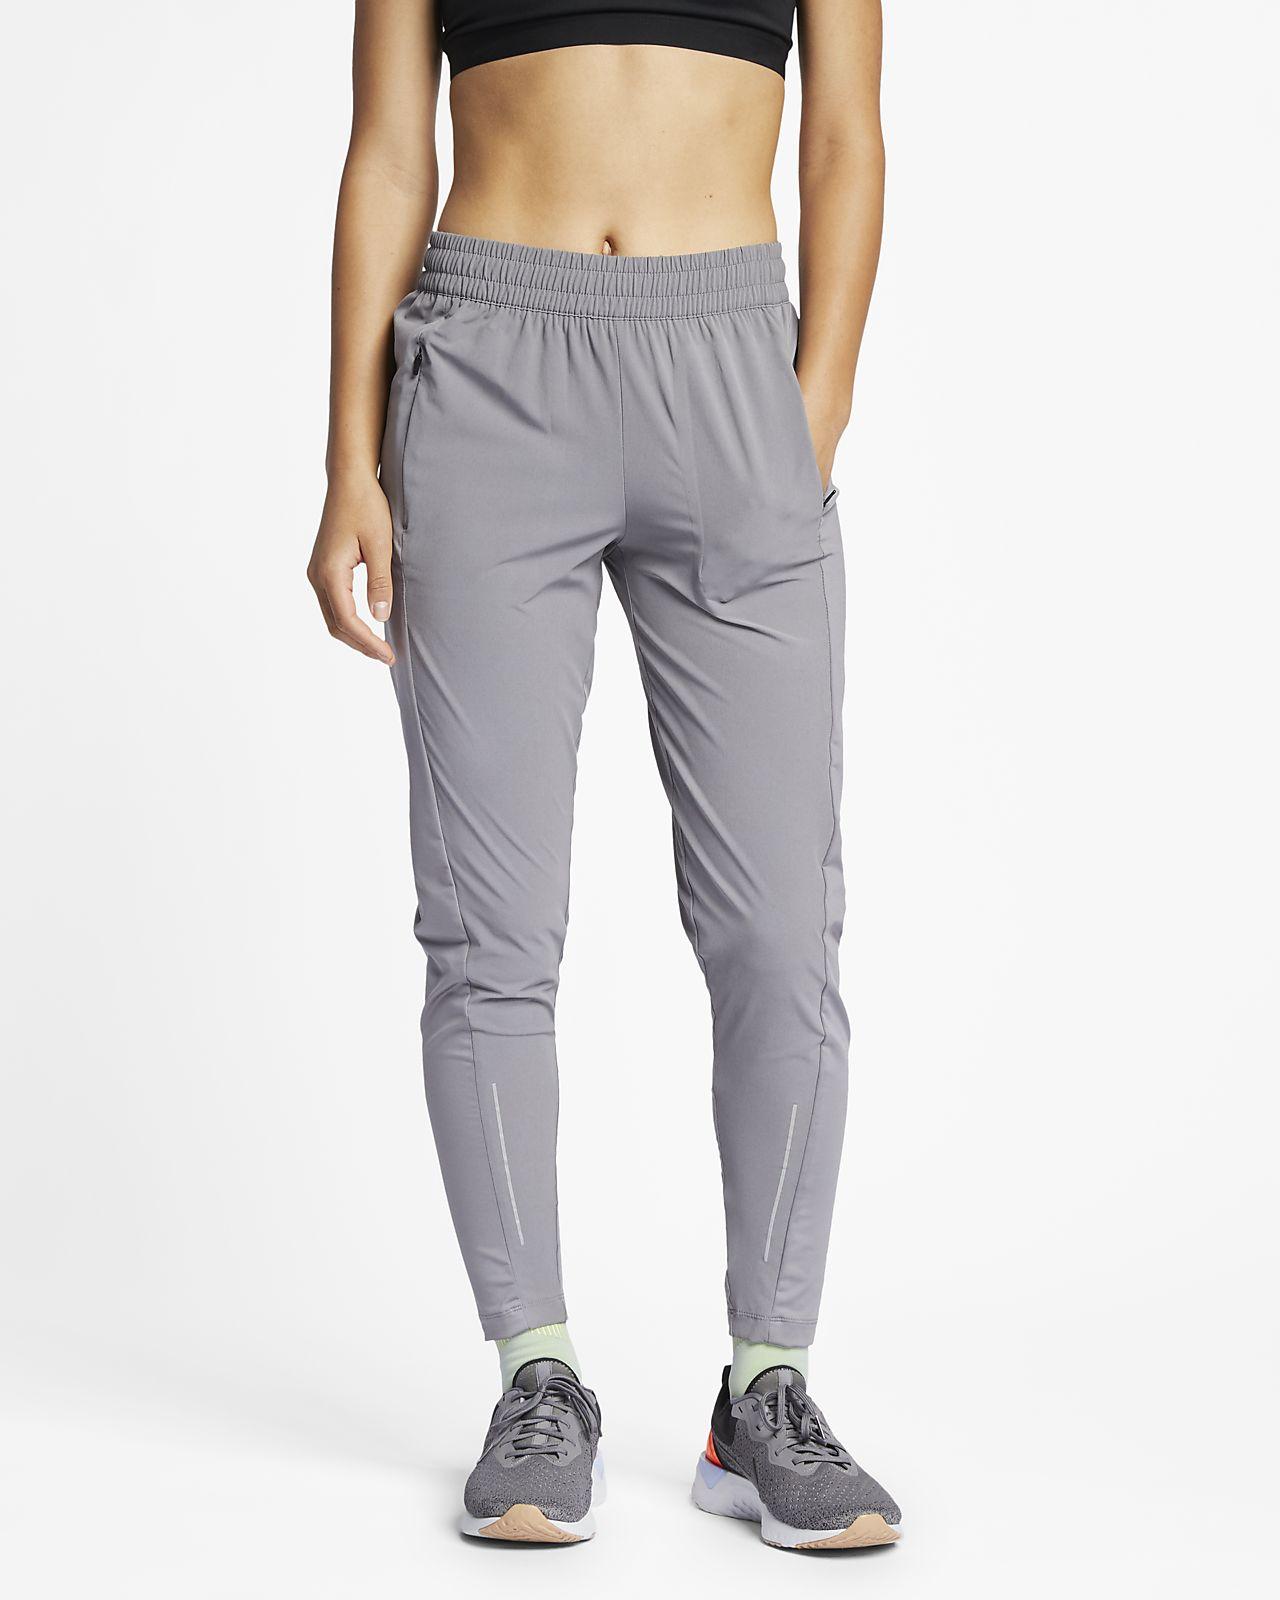 Nike Swift Kadın Koşu Eşofman Altı